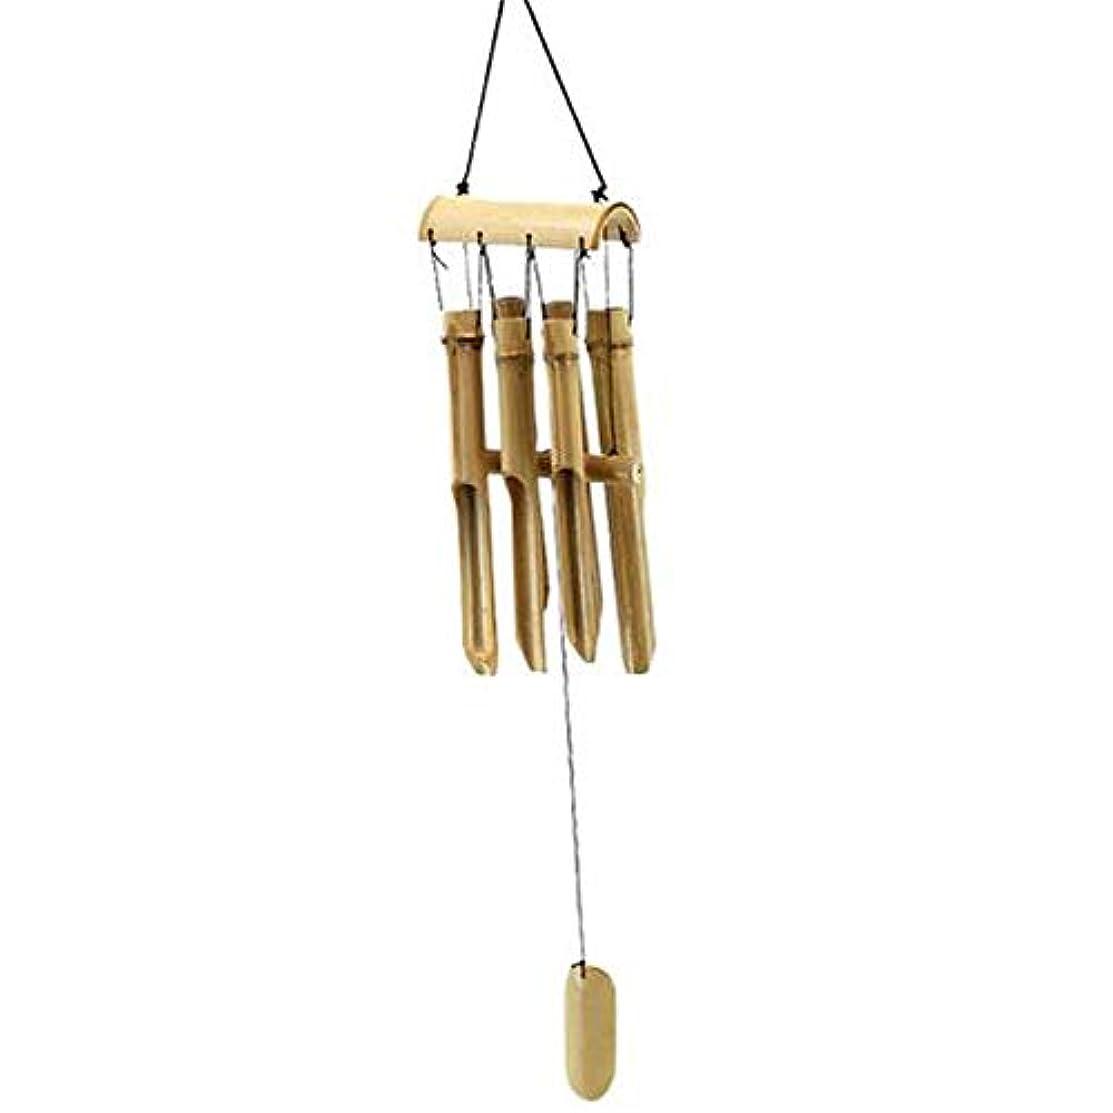 騒々しいハブ負荷Aishanghuayi 風チャイム、中国のスタイルヴィンテージ手作りの竹風チャイム、ブラウン、全身について67CM、90CM,ファッションオーナメント (Size : 90cm)